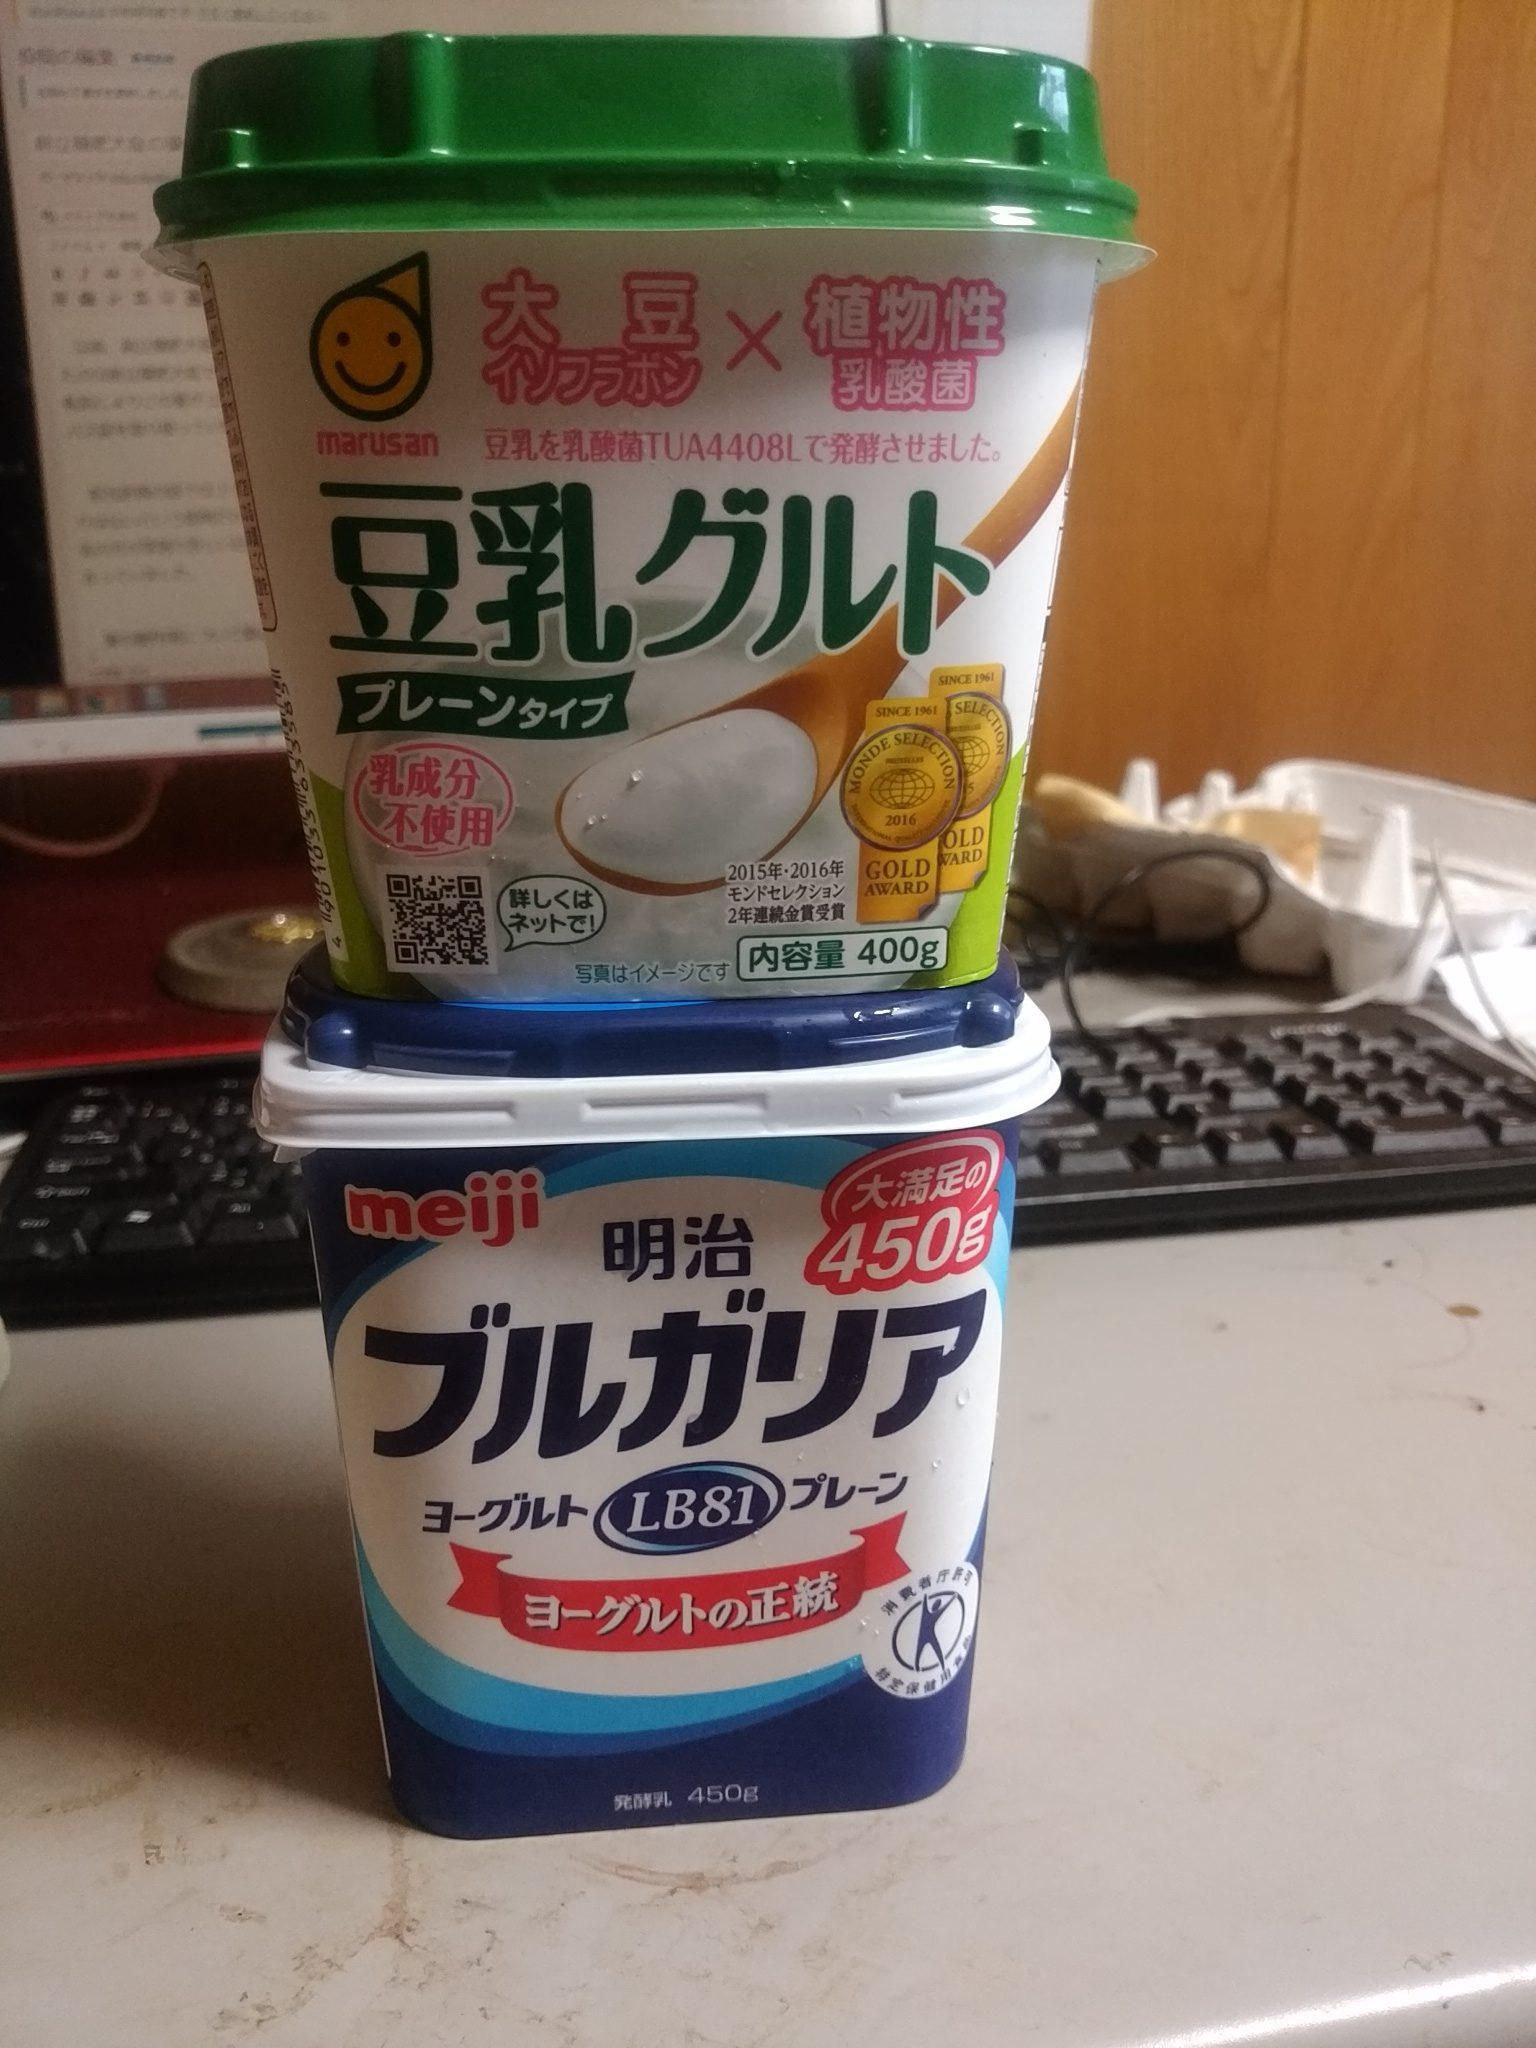 豆乳ヨーグルトと普通のヨーグルトの糖質量を比べてみた